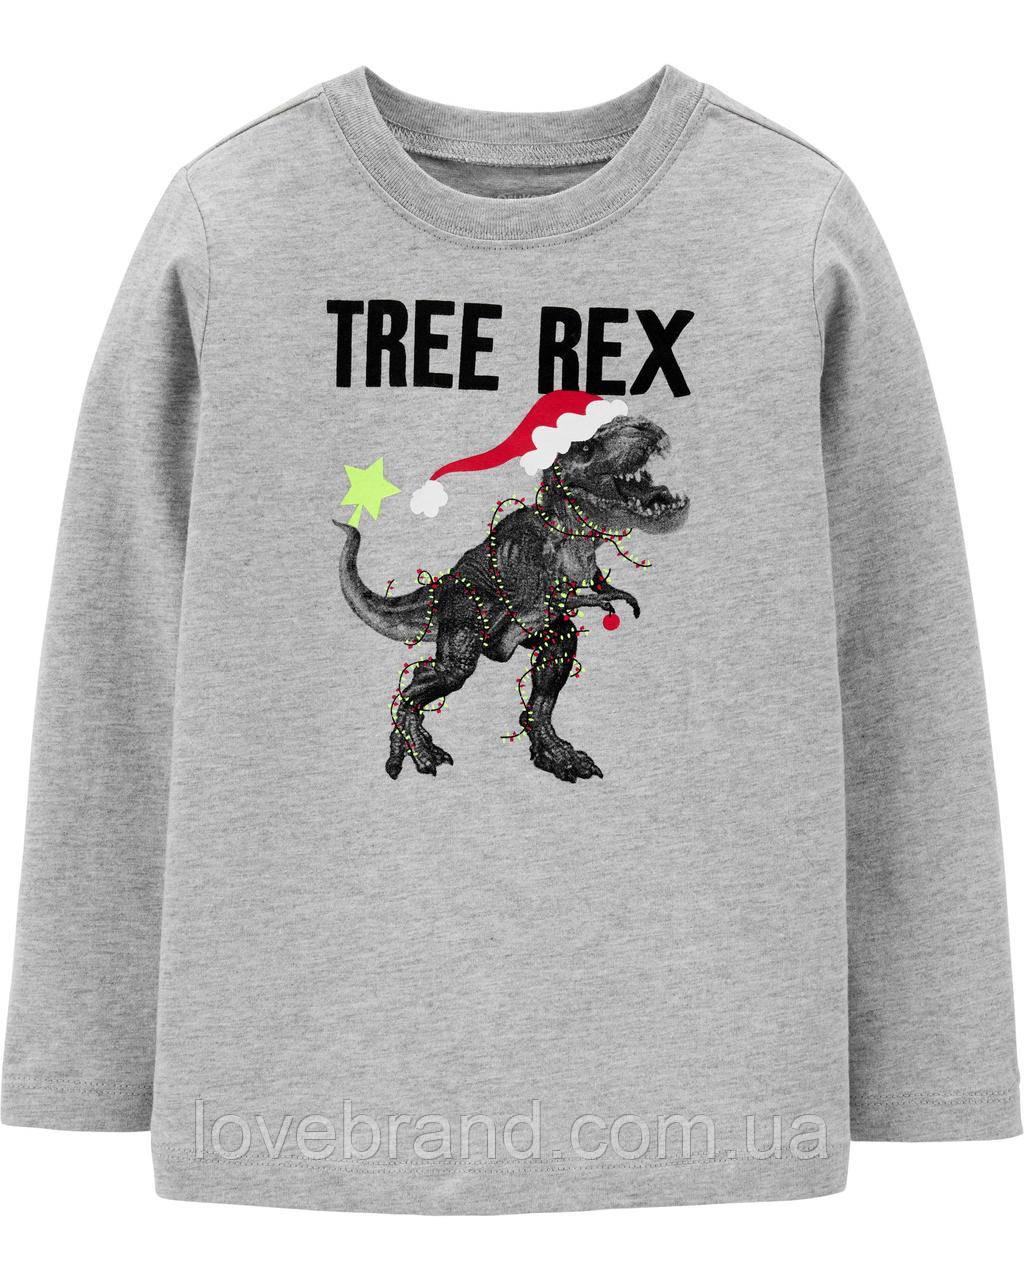 """Новогодний реглан для мальчика """"Динозавр Tree Rex"""" Carter's серый, новогодняя кофточка 4Т/98-105 см"""